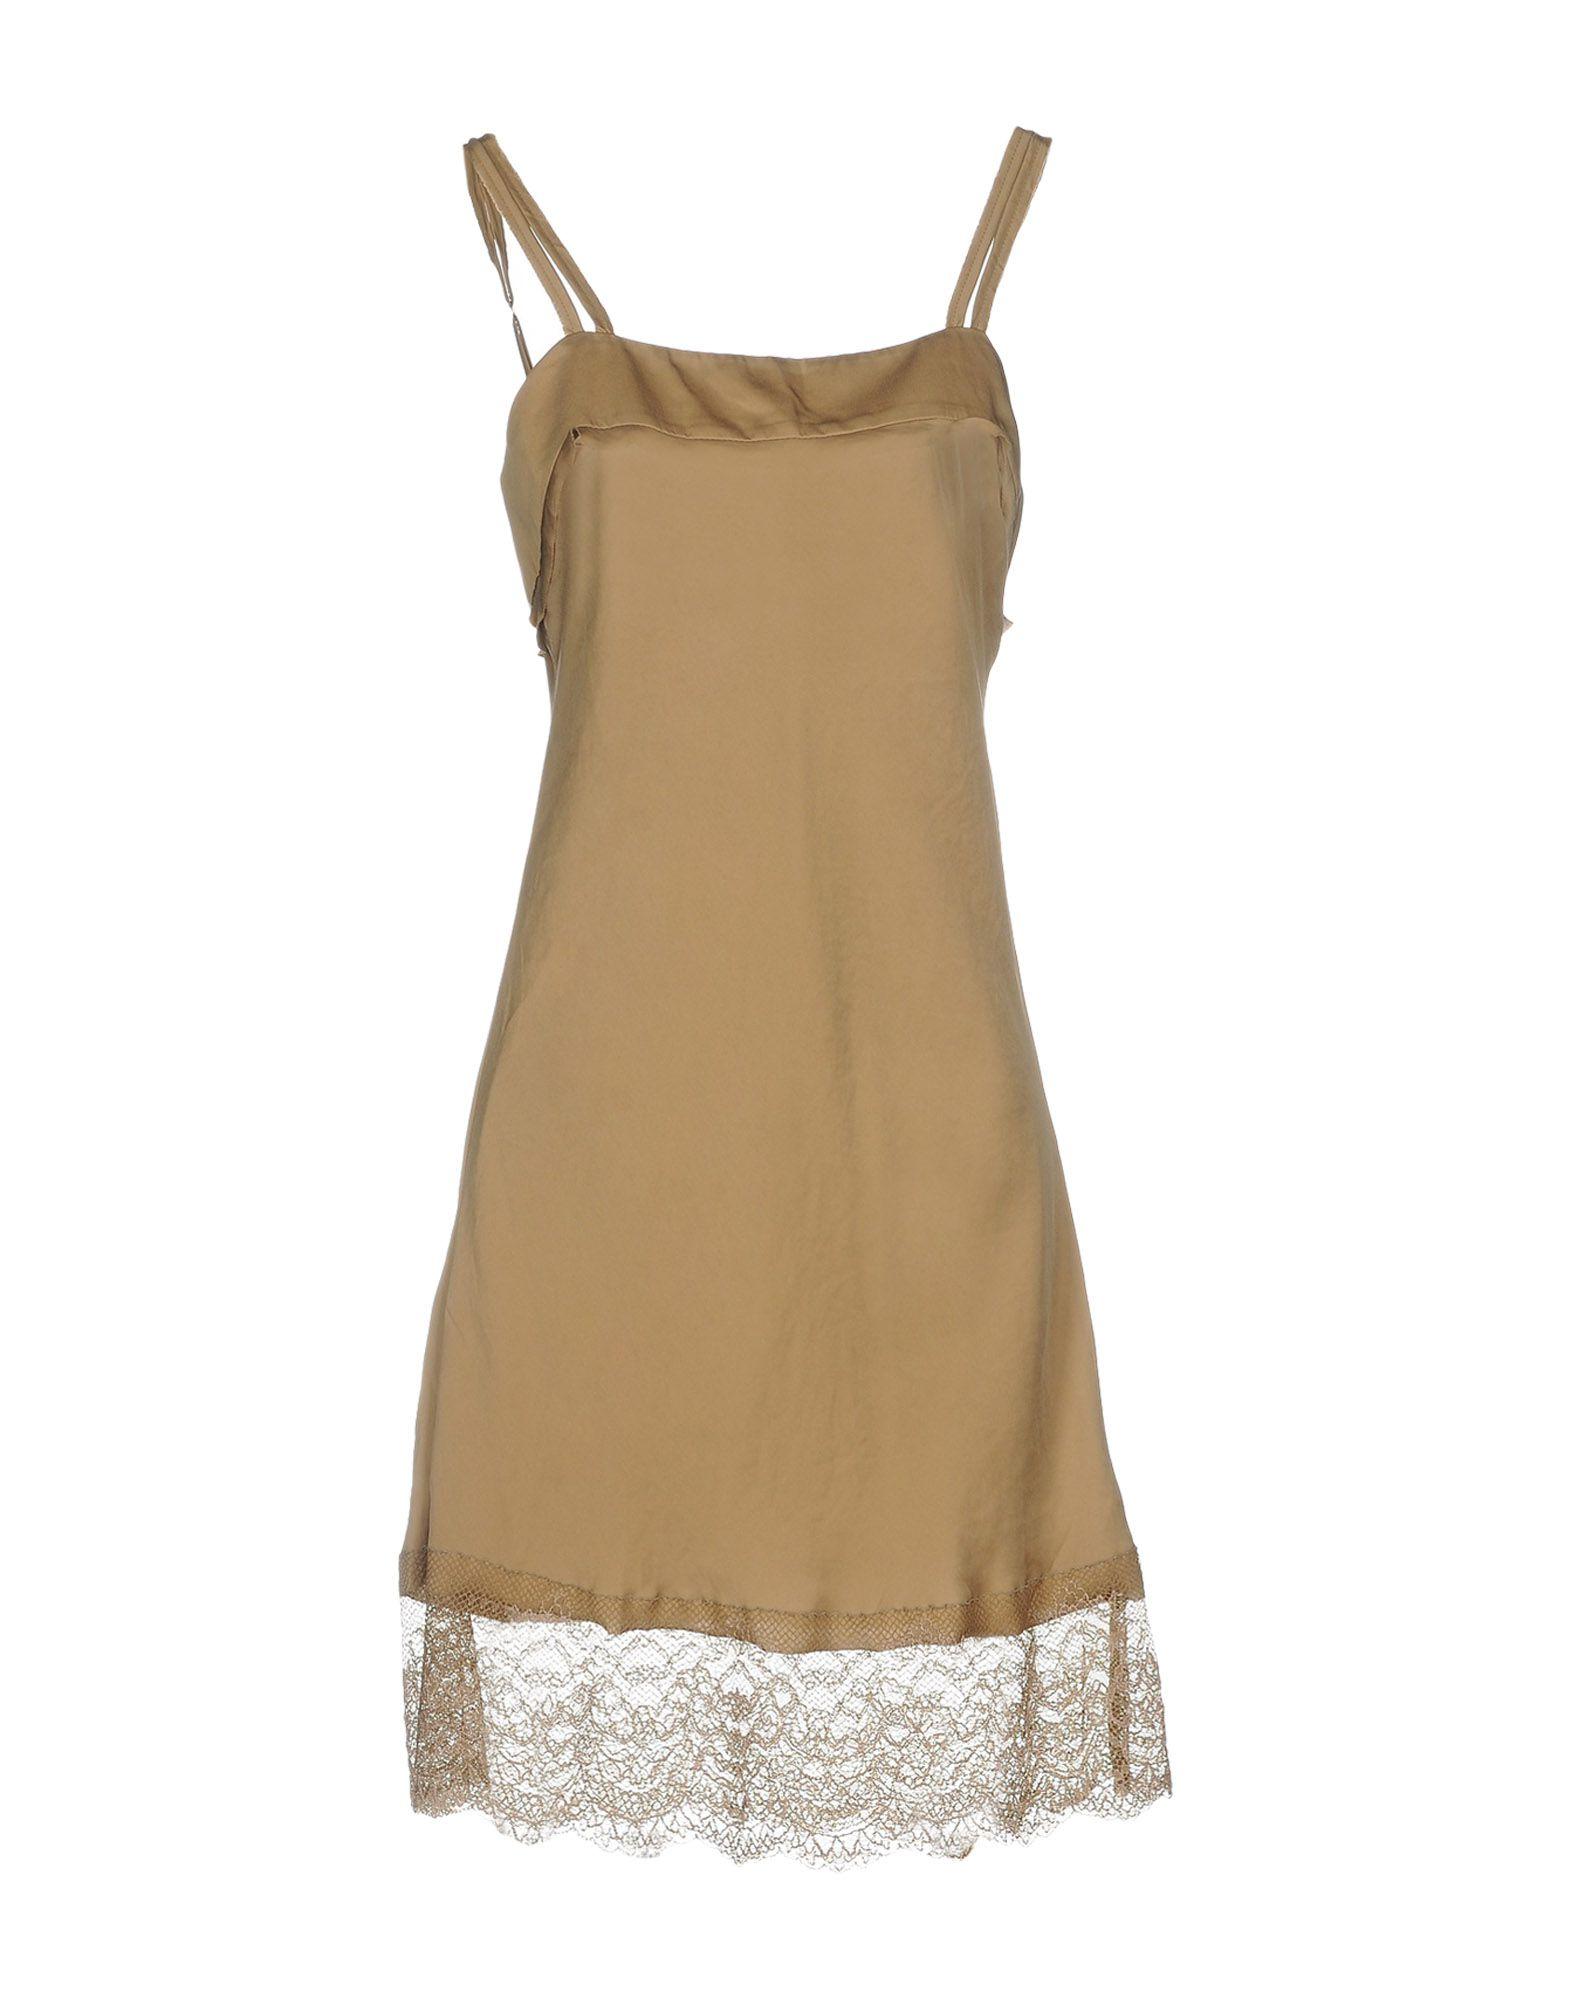 TWINSET Короткое платье платье без рукавов с кружевной вставкой на спинке